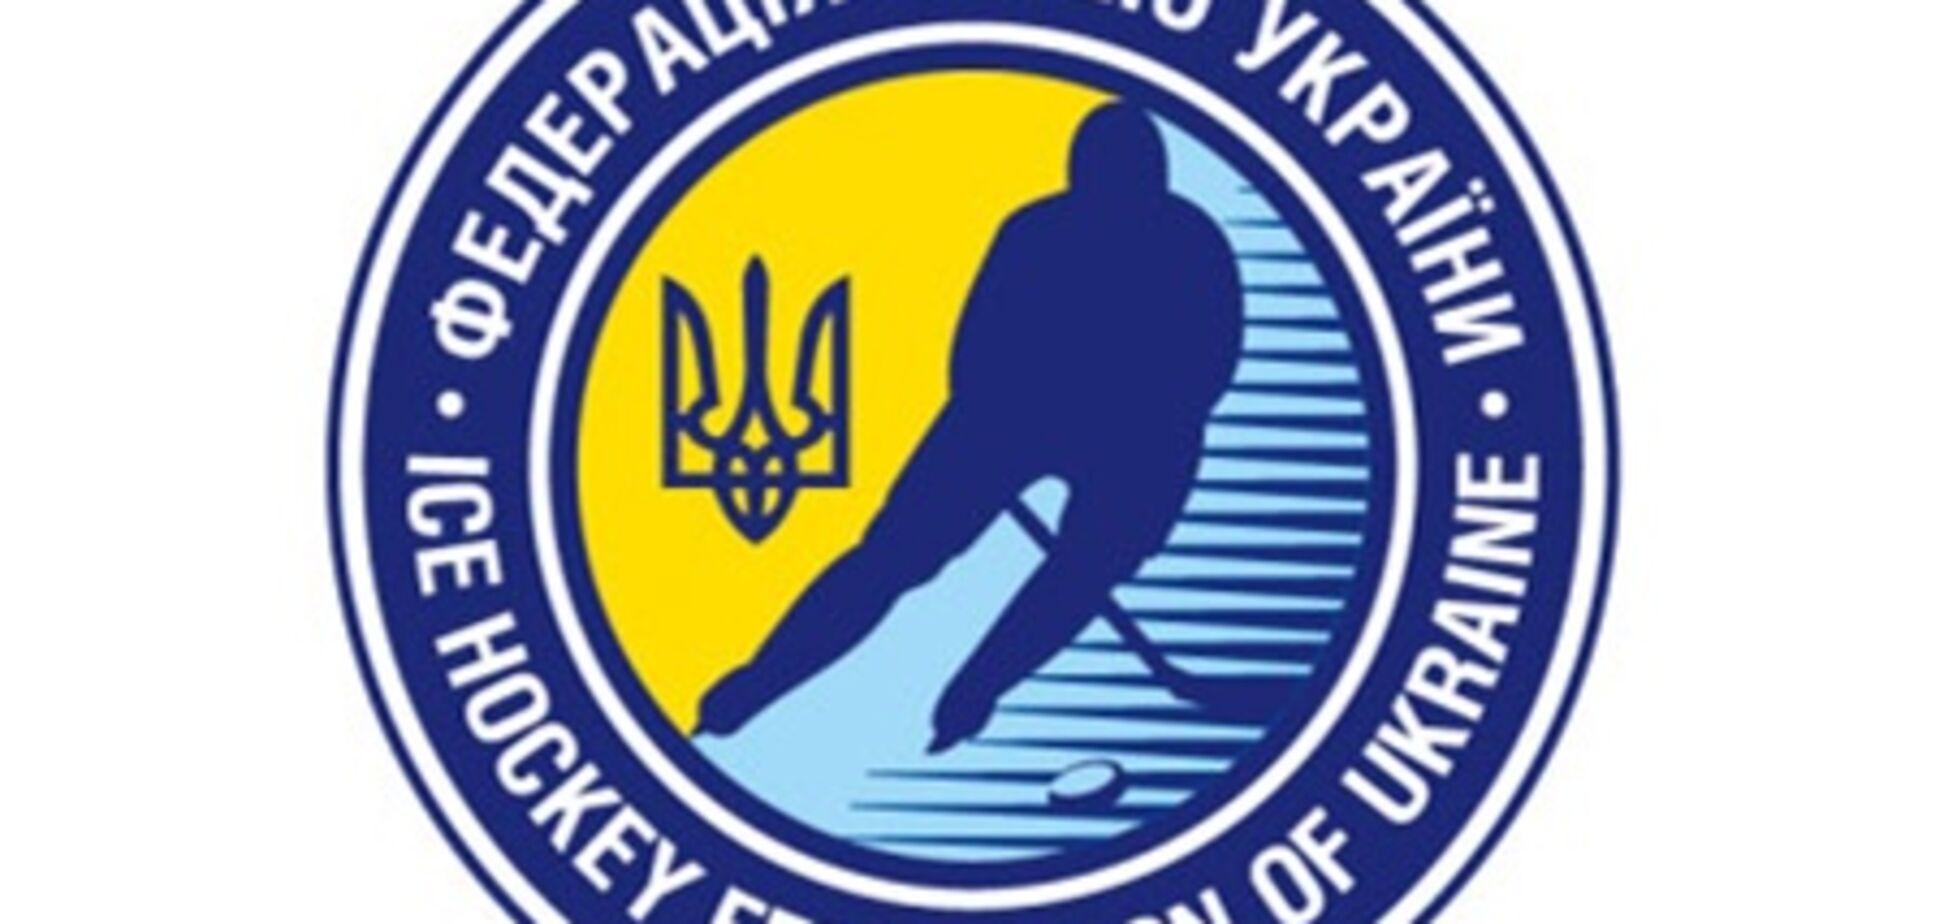 Во Львове презентовали хоккейную команду Западной Украины